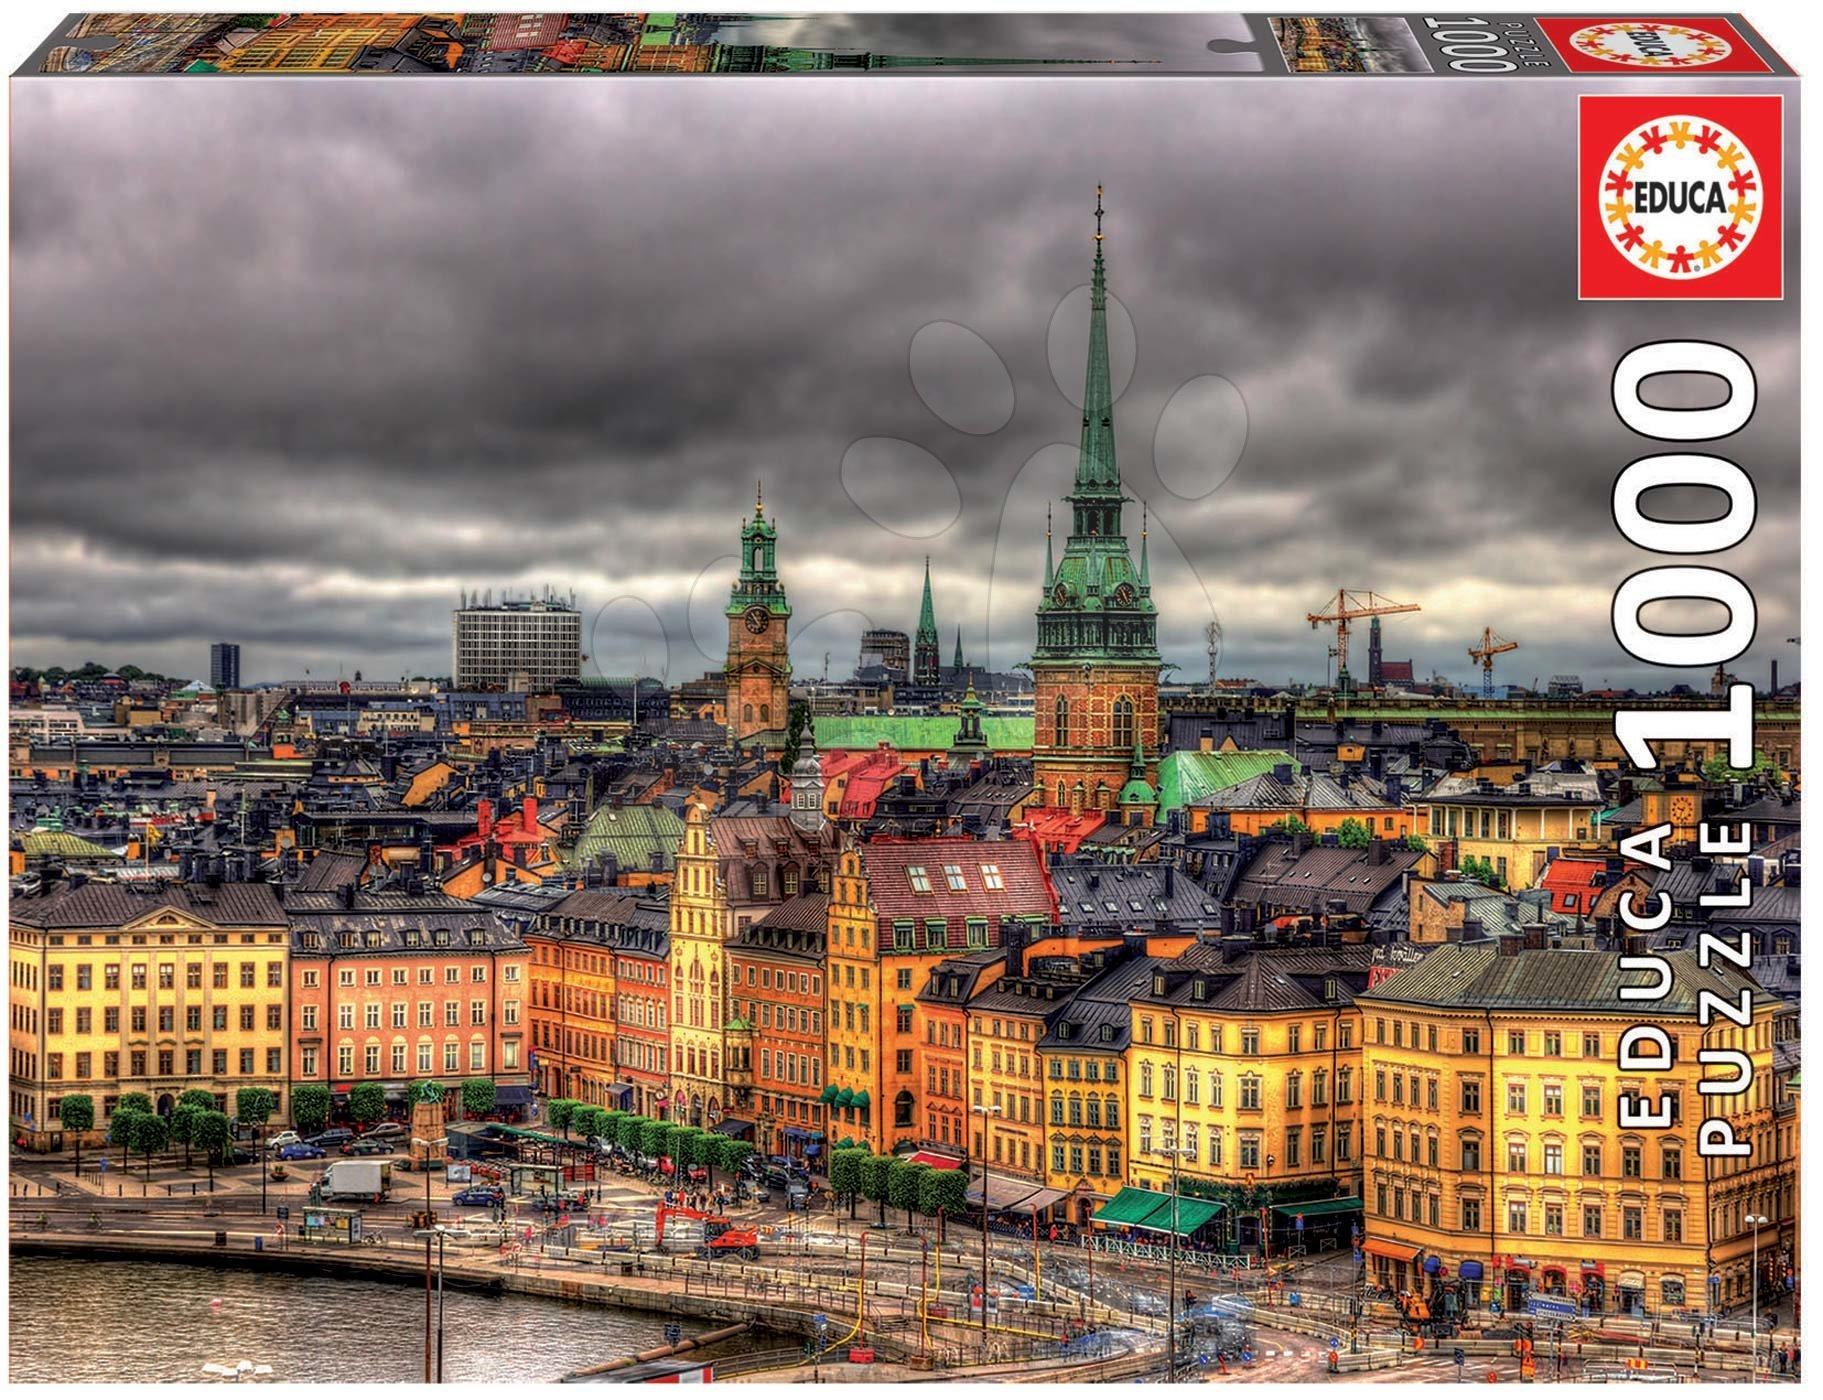 Puzzle Views of Stockholm Educa 1000 piese cu lipici Fix de la 11 ani